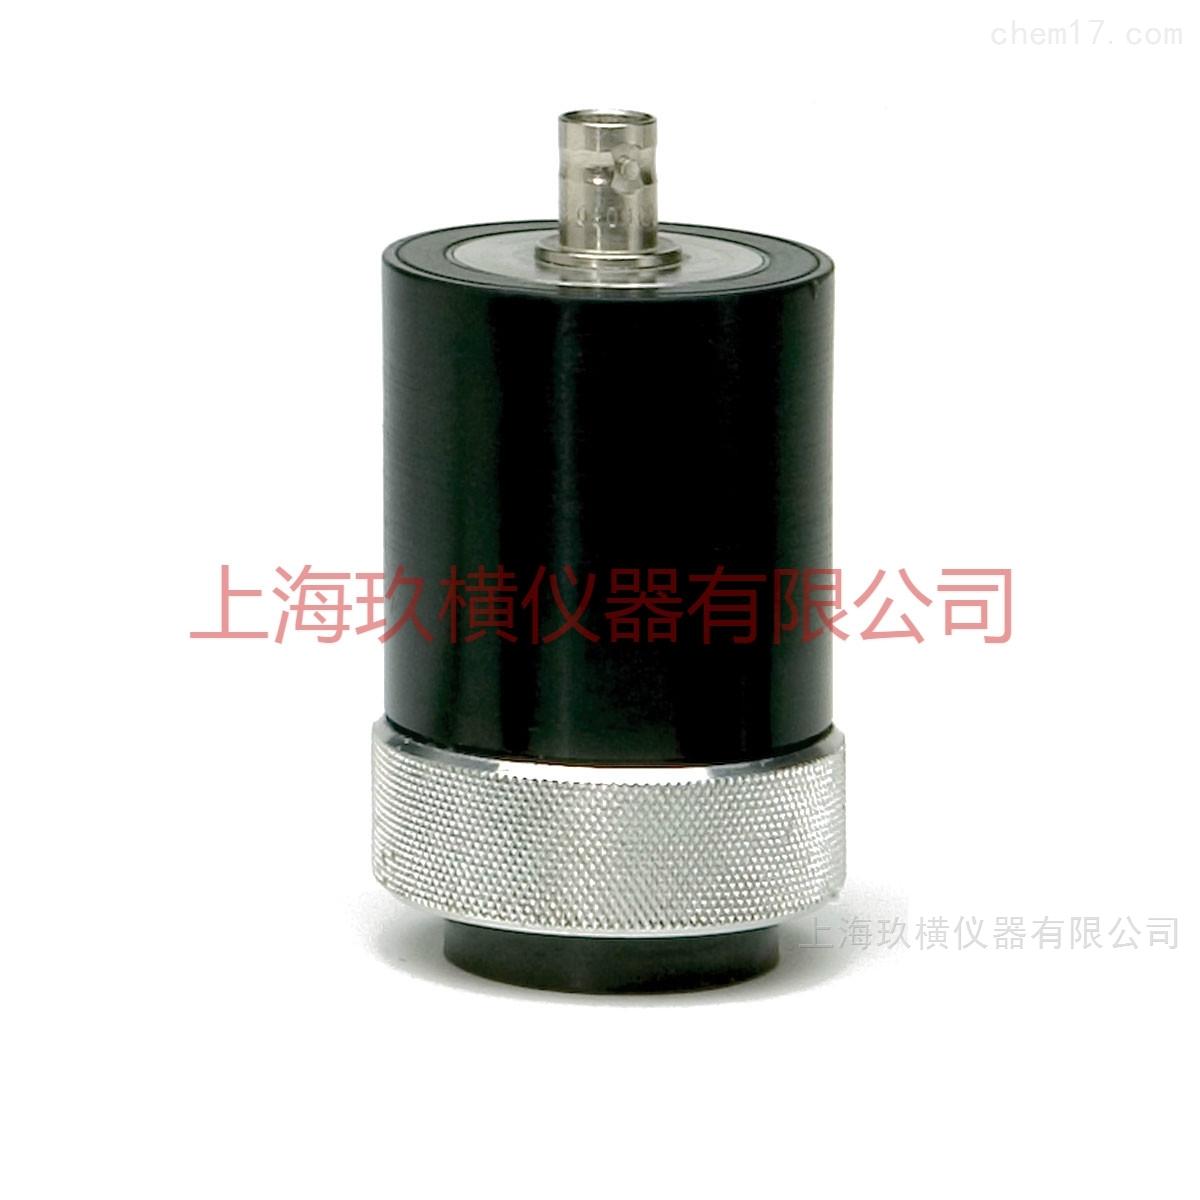 OLYMPUS超声波测厚仪复合材料探伤M2008